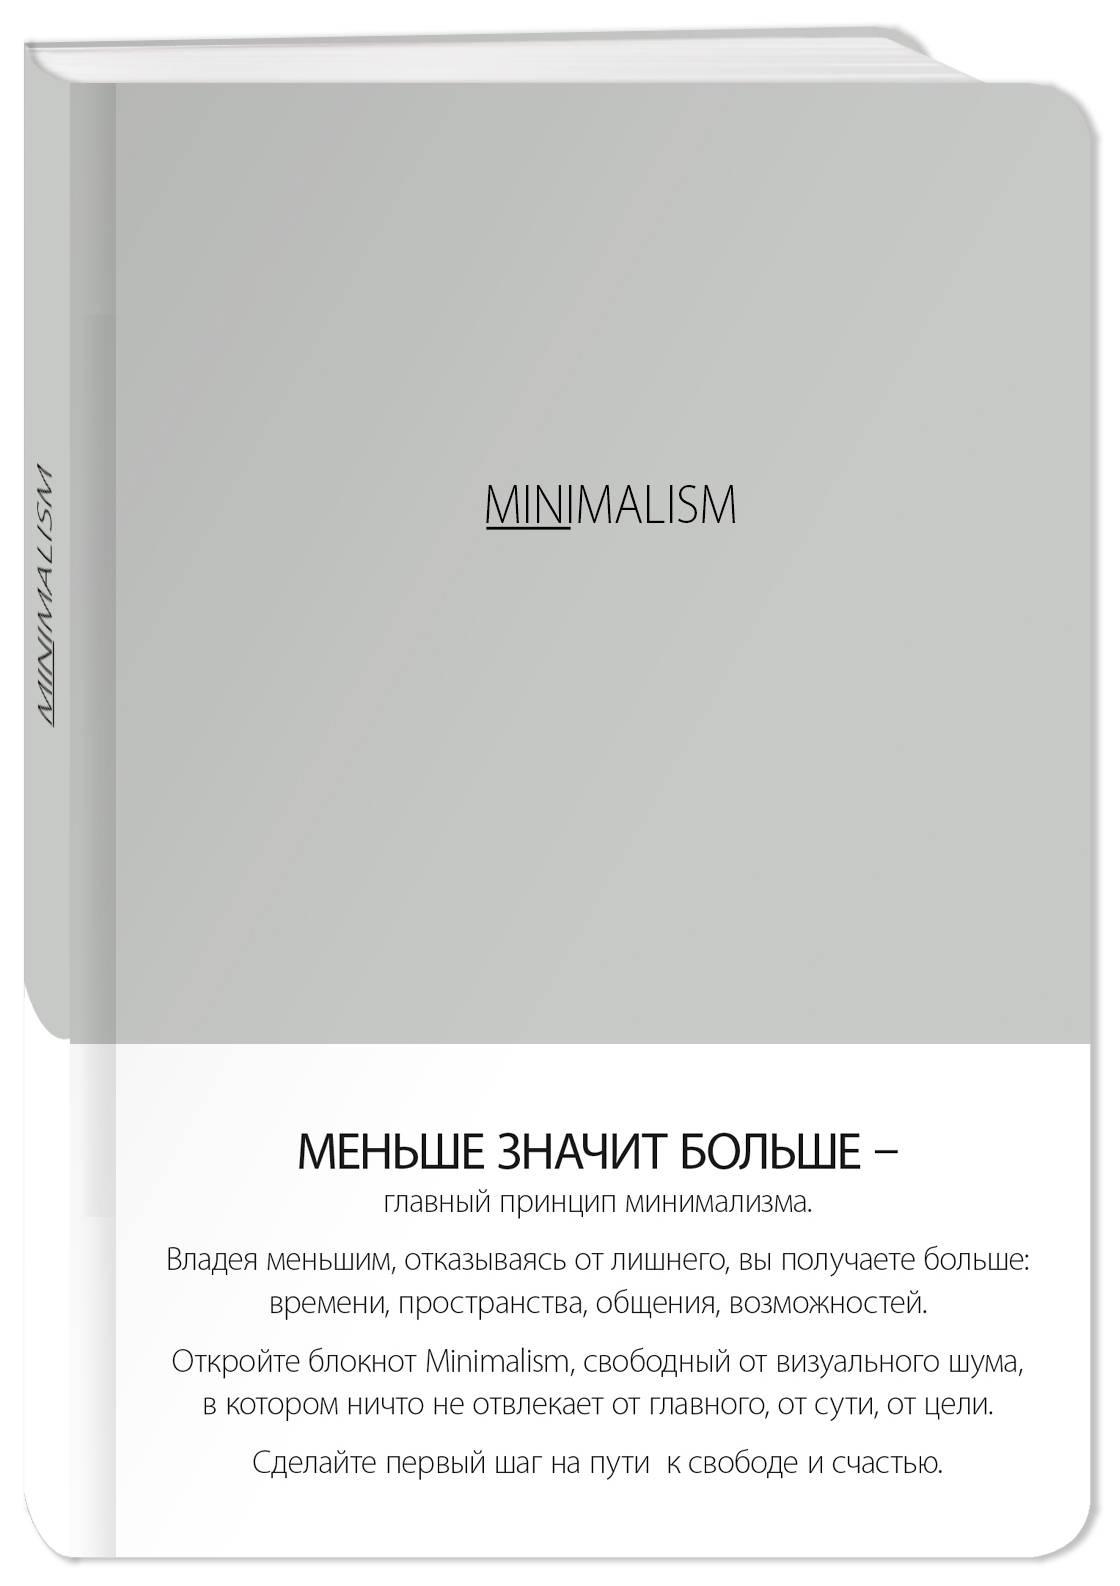 Блокнот-мини. Минимализм (формат А6, кругление углов, тонированный блок, ляссе, обложка серая) (Арте) блокнот в пластиковой обложке mind ulness лаванда формат малый 64 страницы